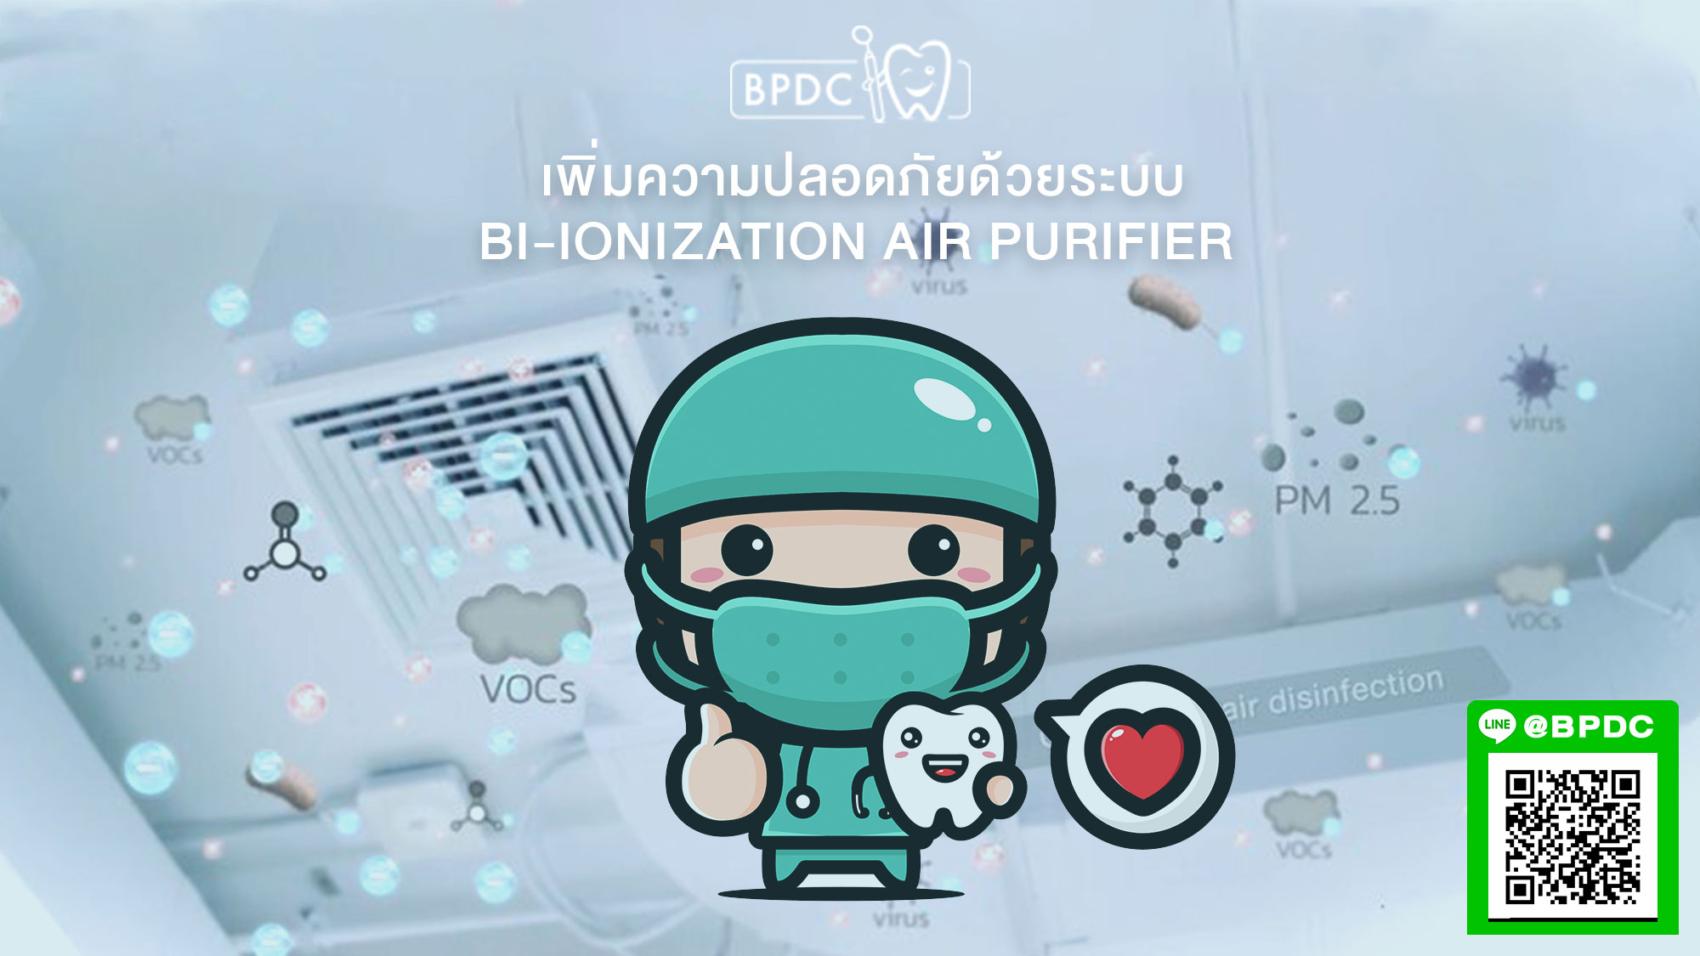 เพิ่มความปลอดภัยด้วยระบบ-Bi-Ionization-Air-Purifier